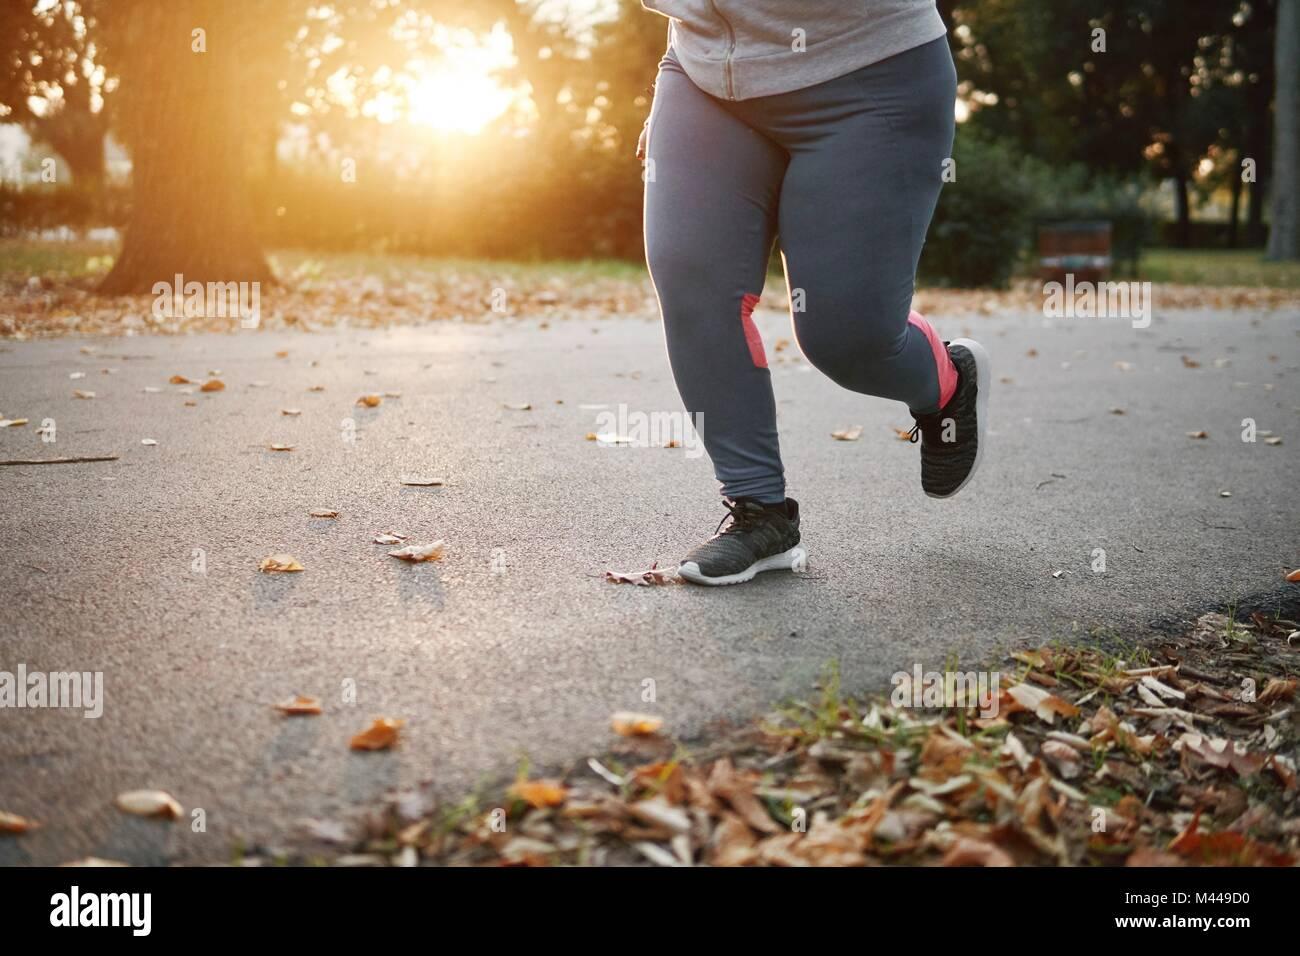 Sinuosa giovane femmina runner acceso nel parco, vita scende Immagini Stock